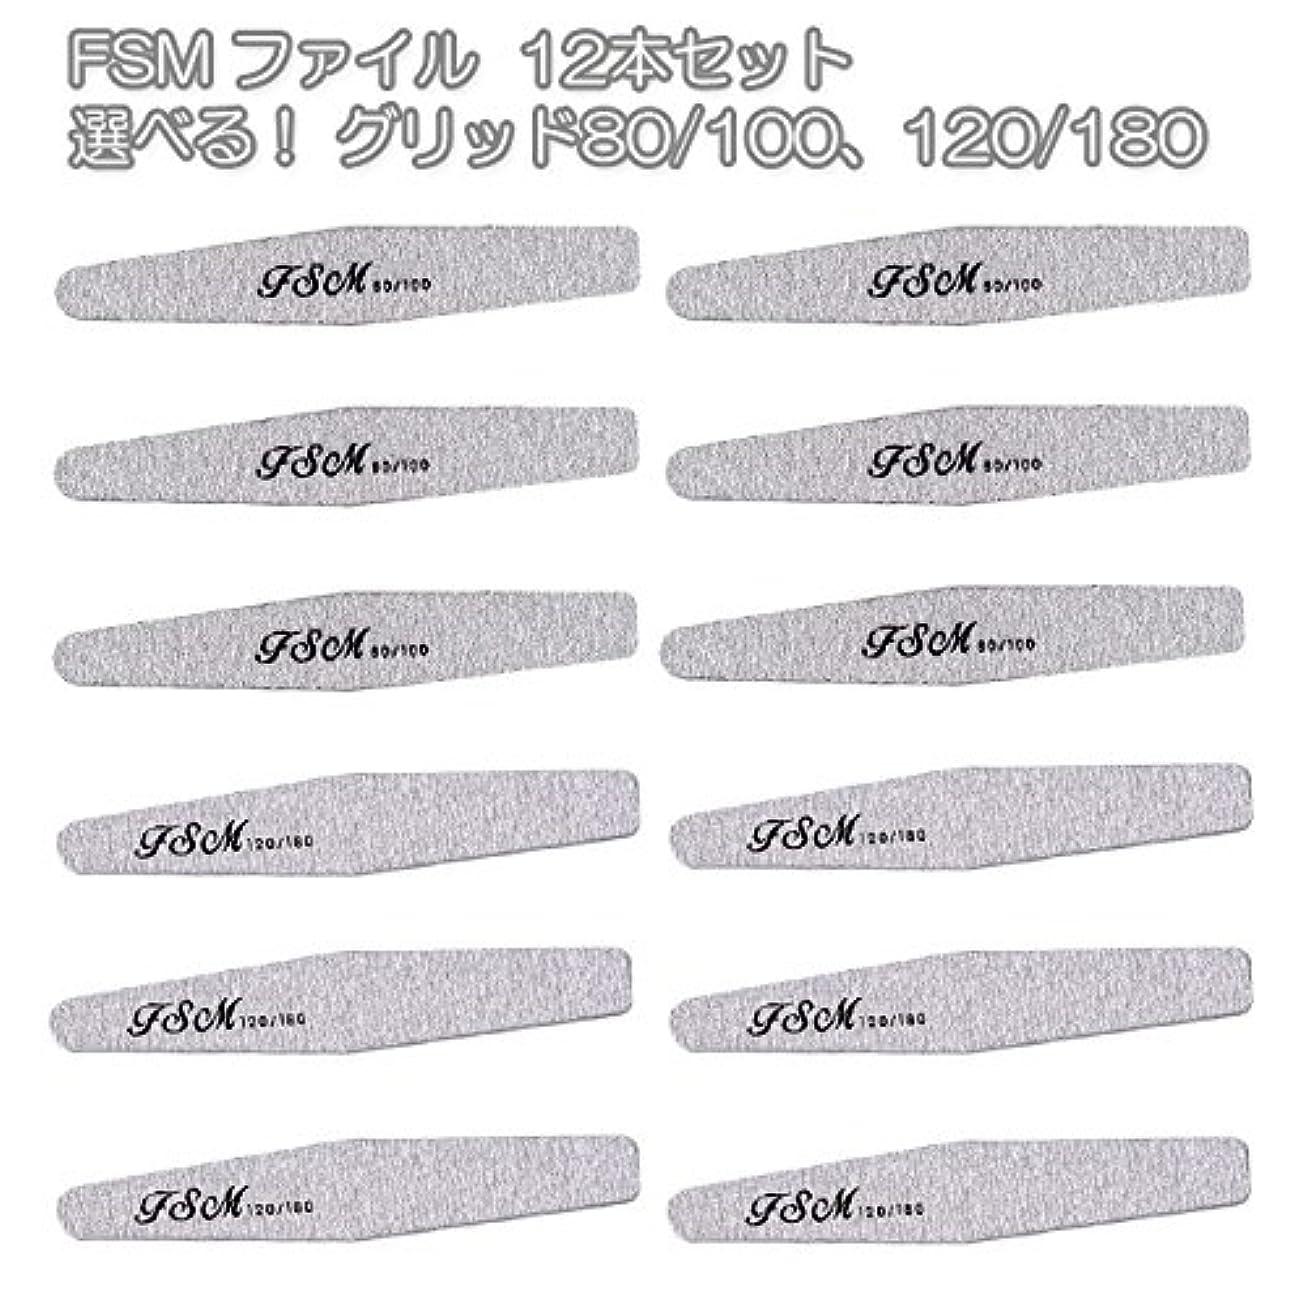 リーチ魅力インディカFSM ネイルファイル/バッファー12本セット(選べる!グリッド80/100、120/180) (G80/100の12本)